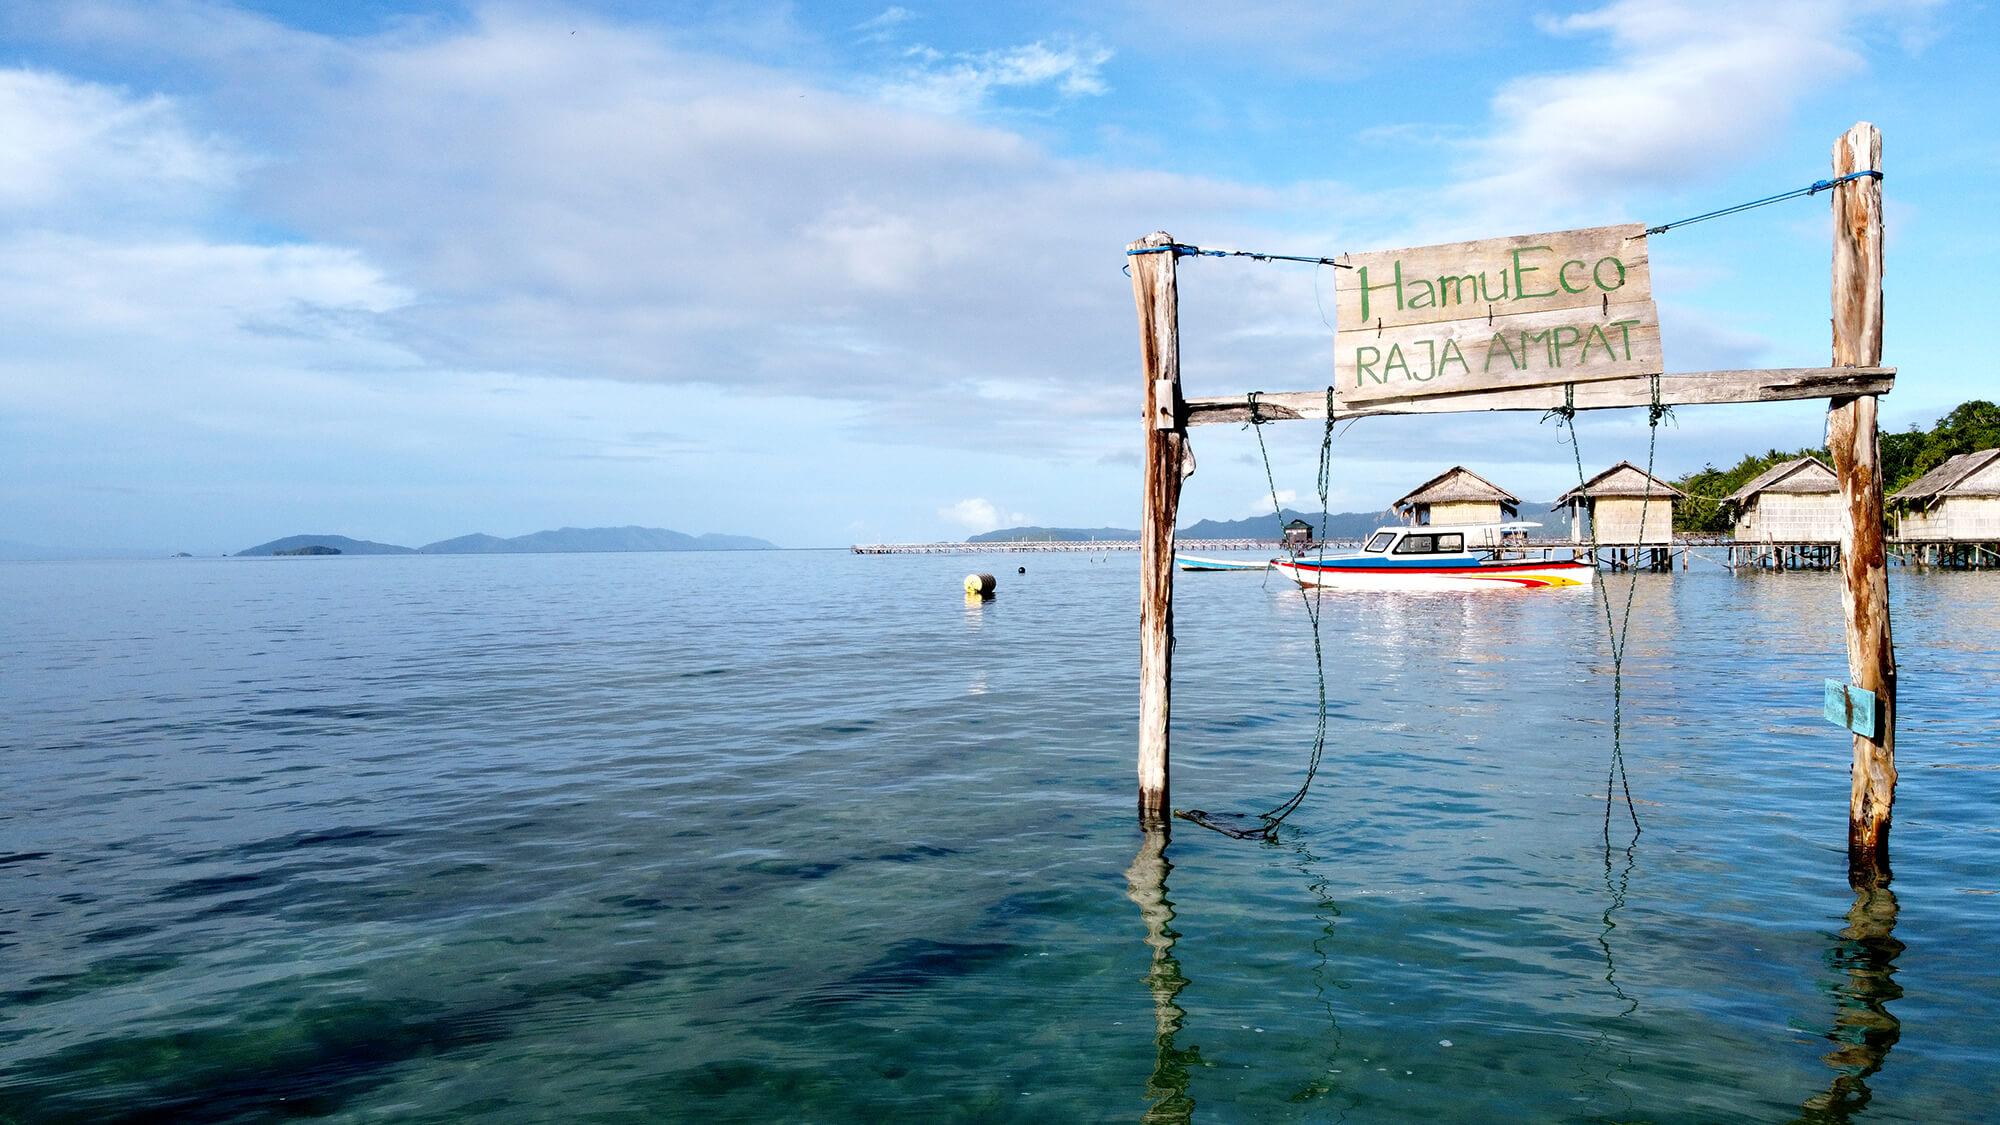 Columpio de bienvenida de Hamueco Raja Ampat sobre los arrecifes del archipiélago de Papúa